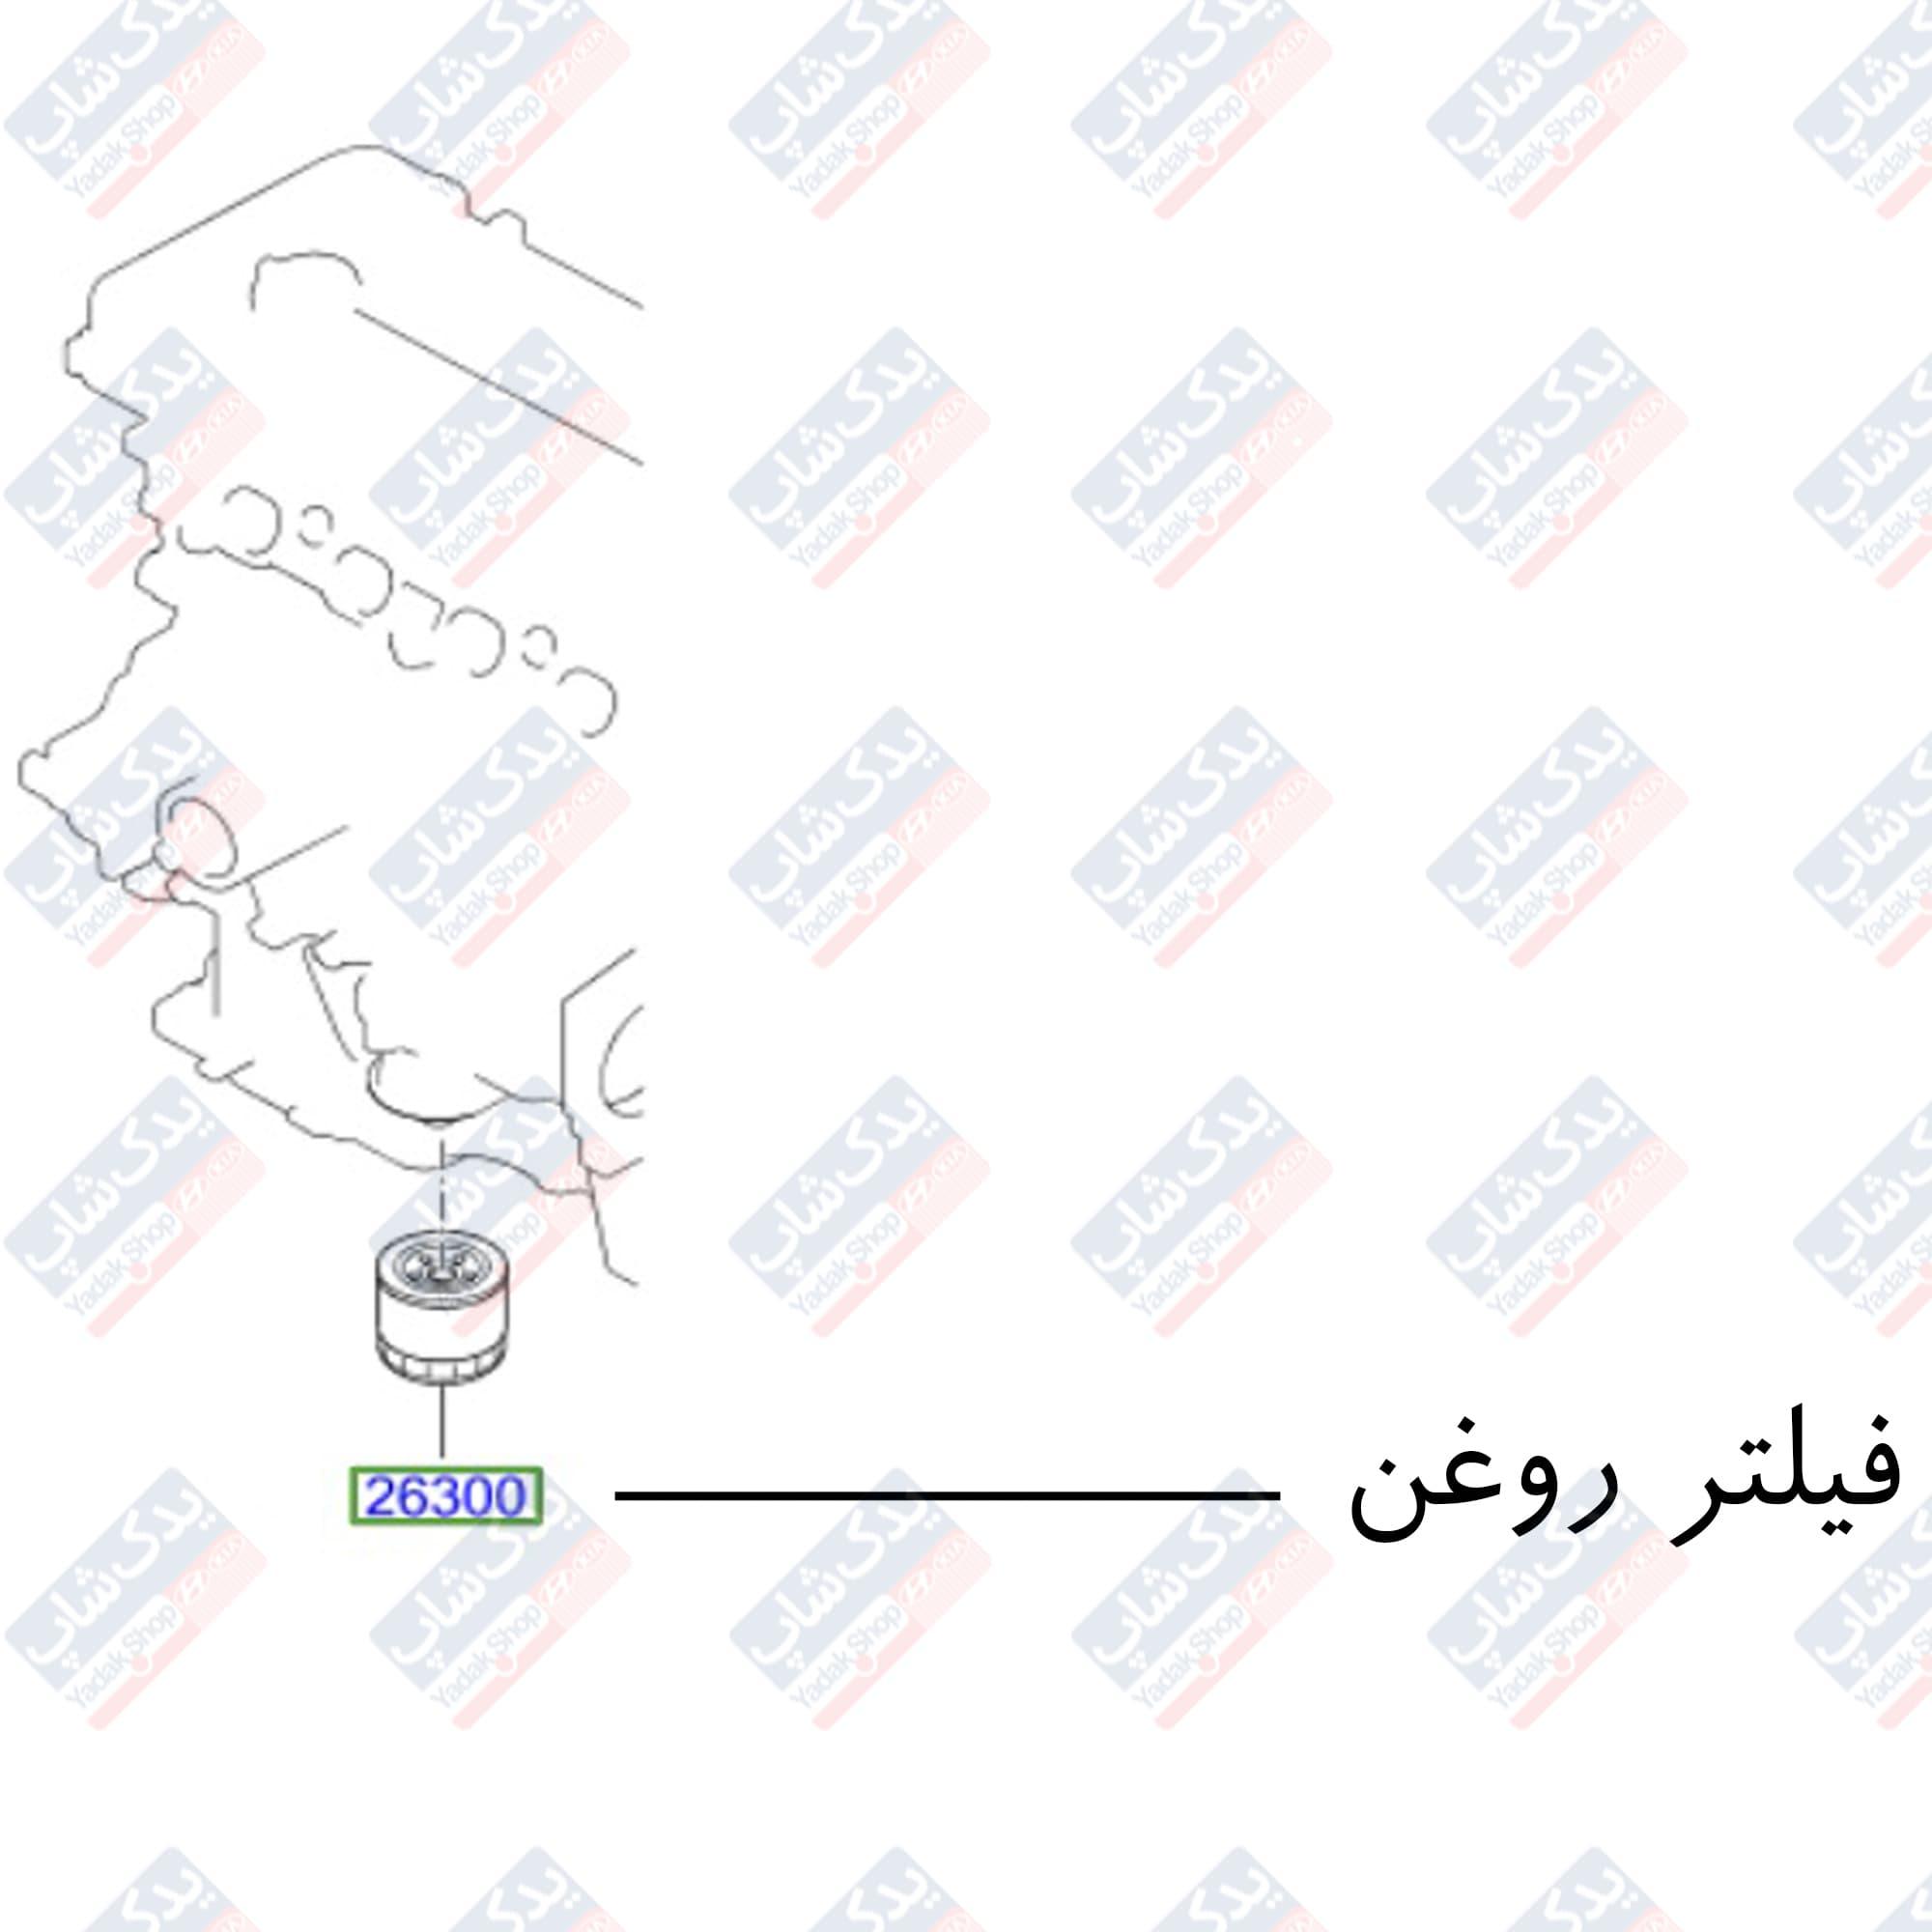 فیلتر روغن